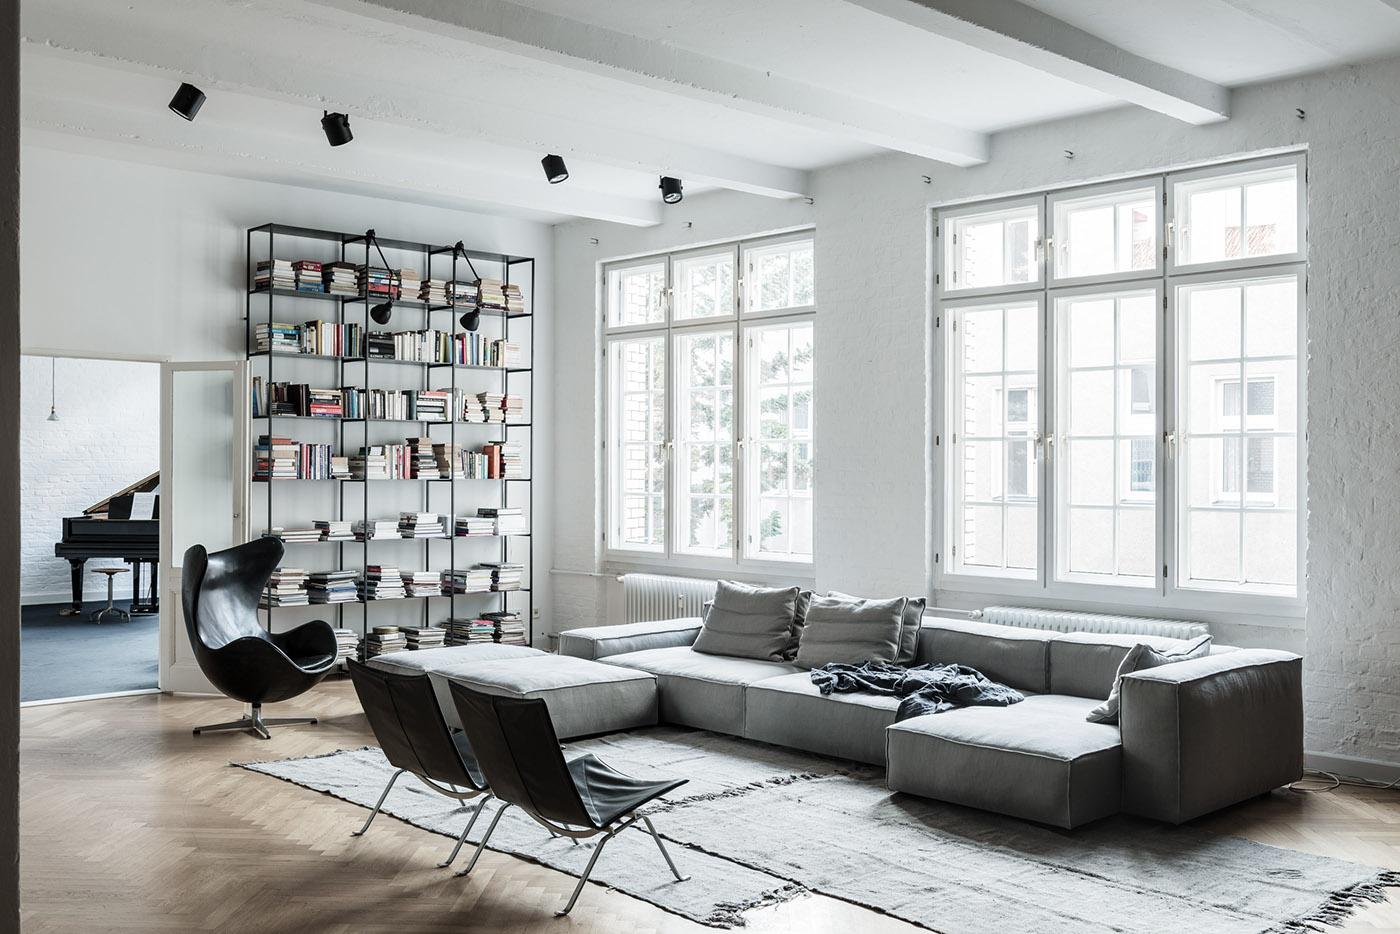 Alfombras superpuestas blog tienda decoraci n estilo - Alfombras estilo nordico ...